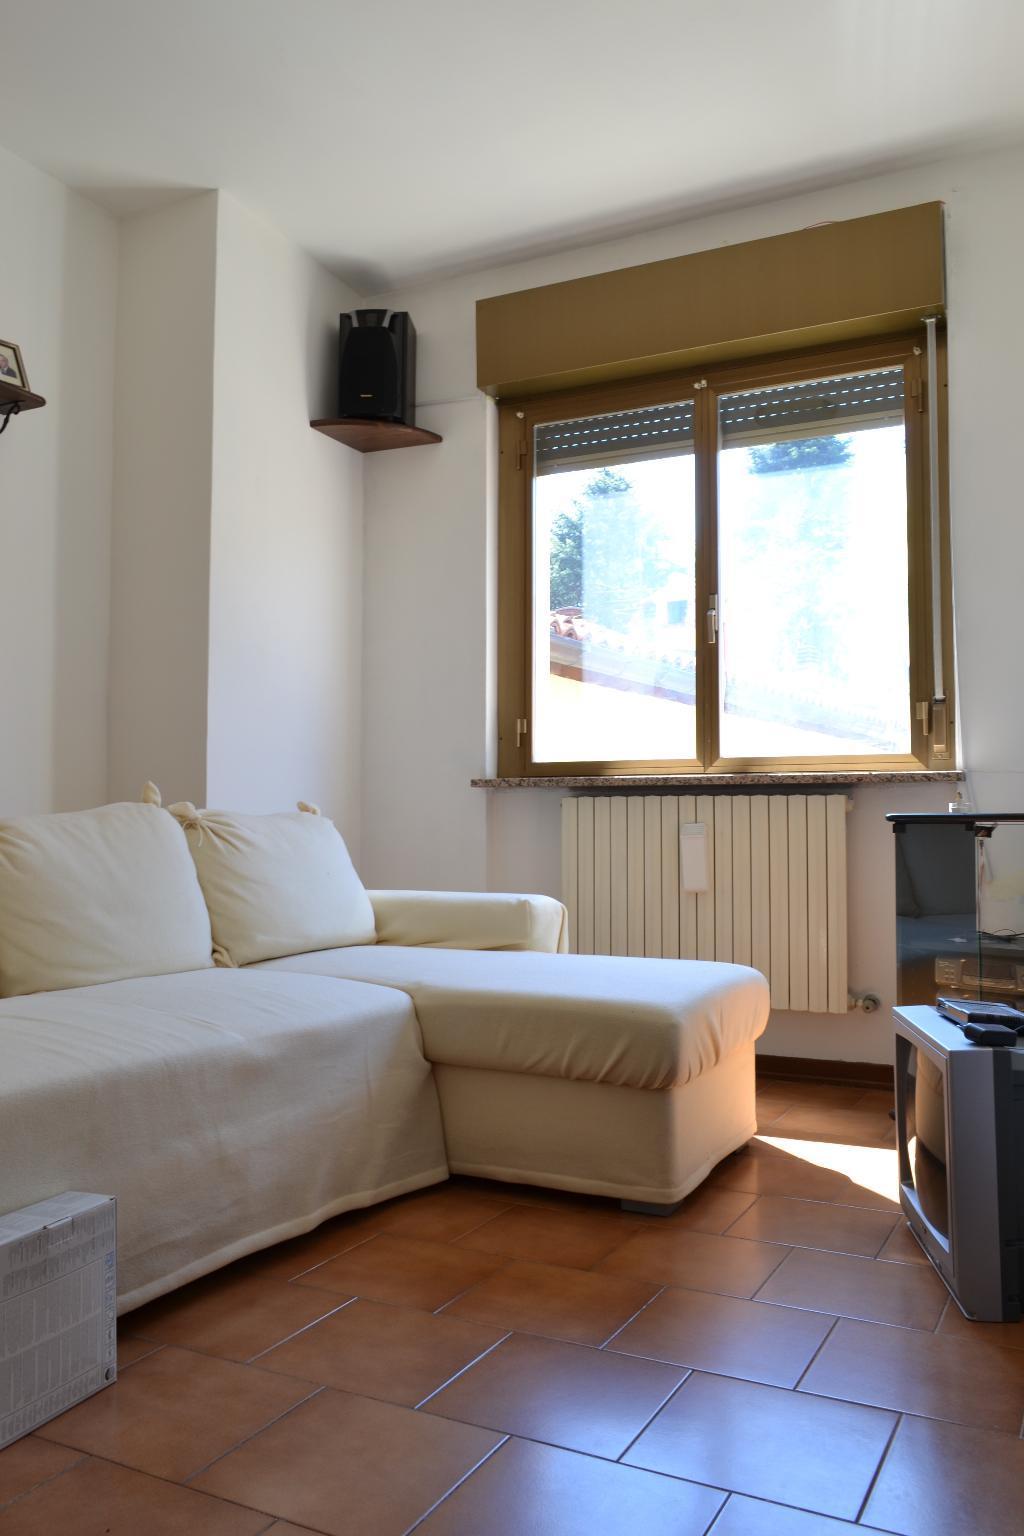 Soluzione Indipendente in vendita a Cisano Bergamasco, 6 locali, zona Località: S. Gregorio, prezzo € 95.000 | Cambio Casa.it